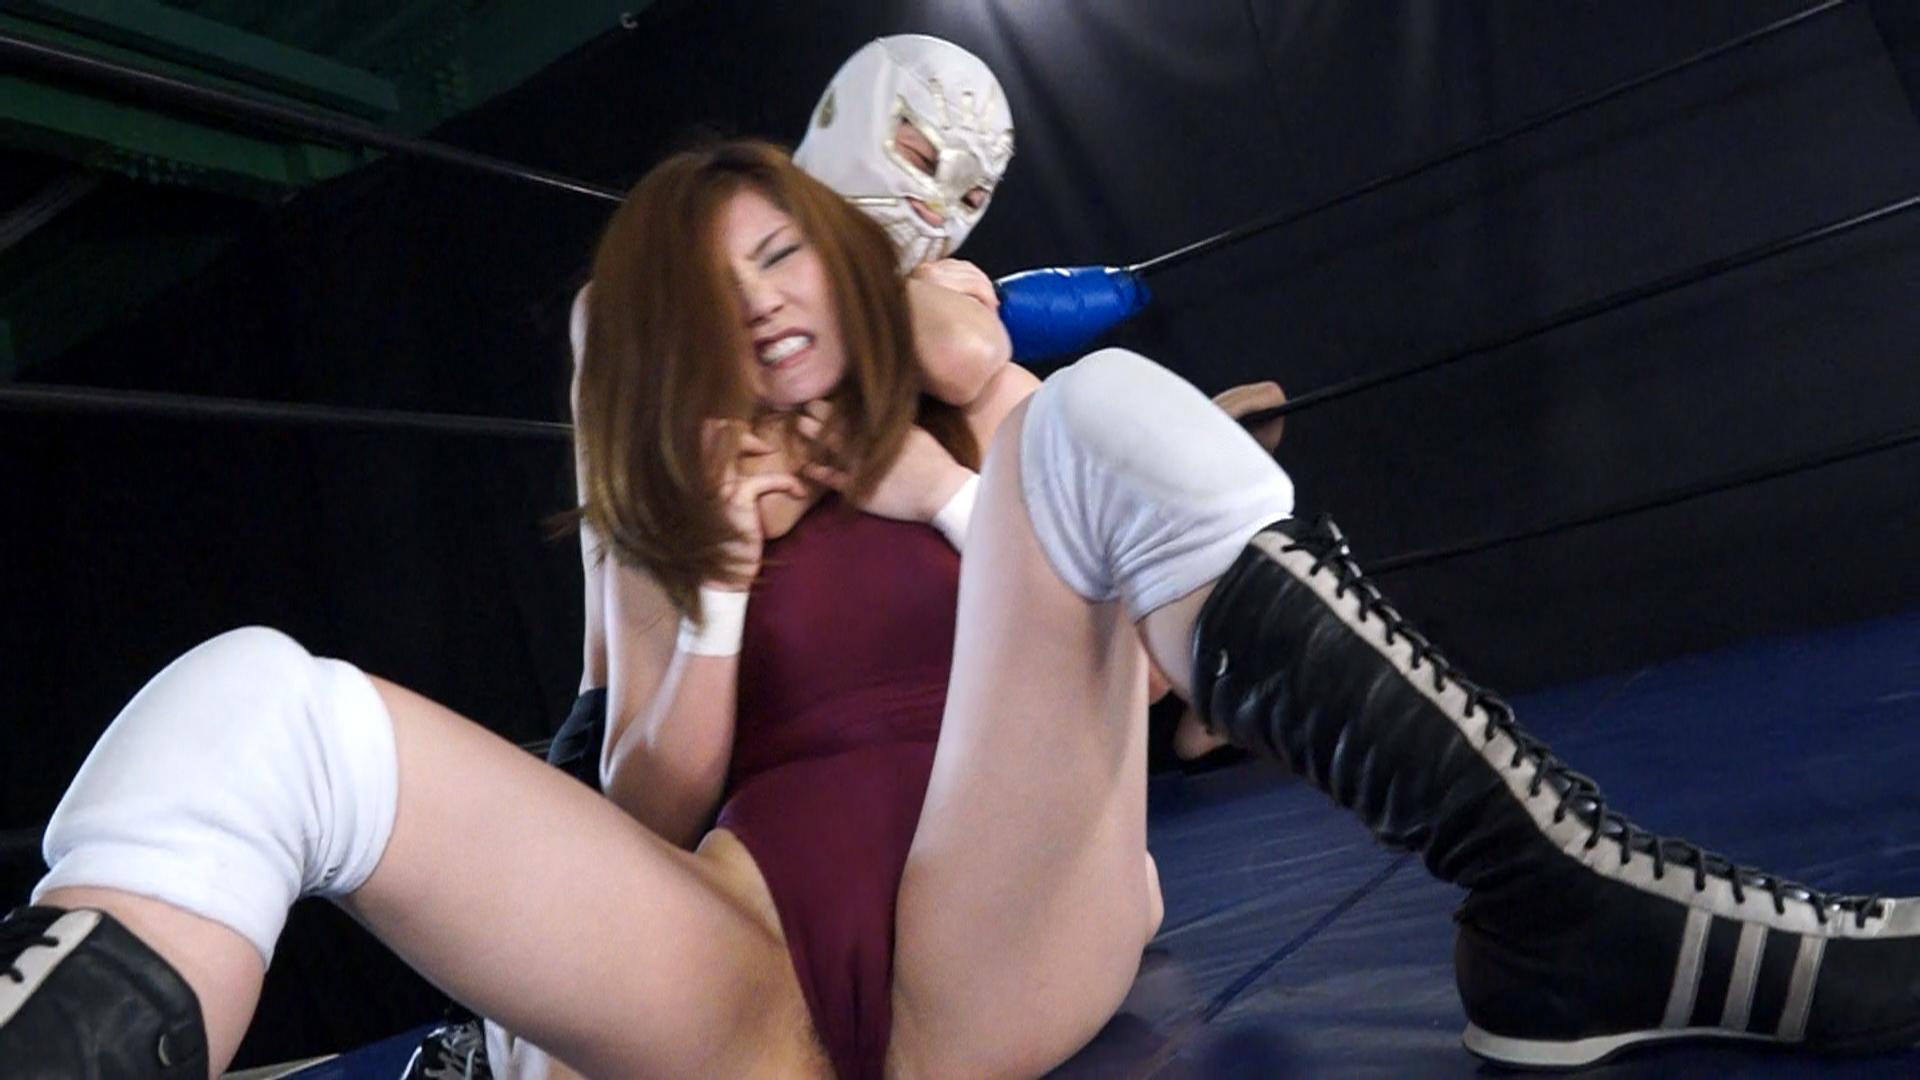 【新特別価格】陵辱ハンディキャップマッチ Volume.3 サンプル画像01